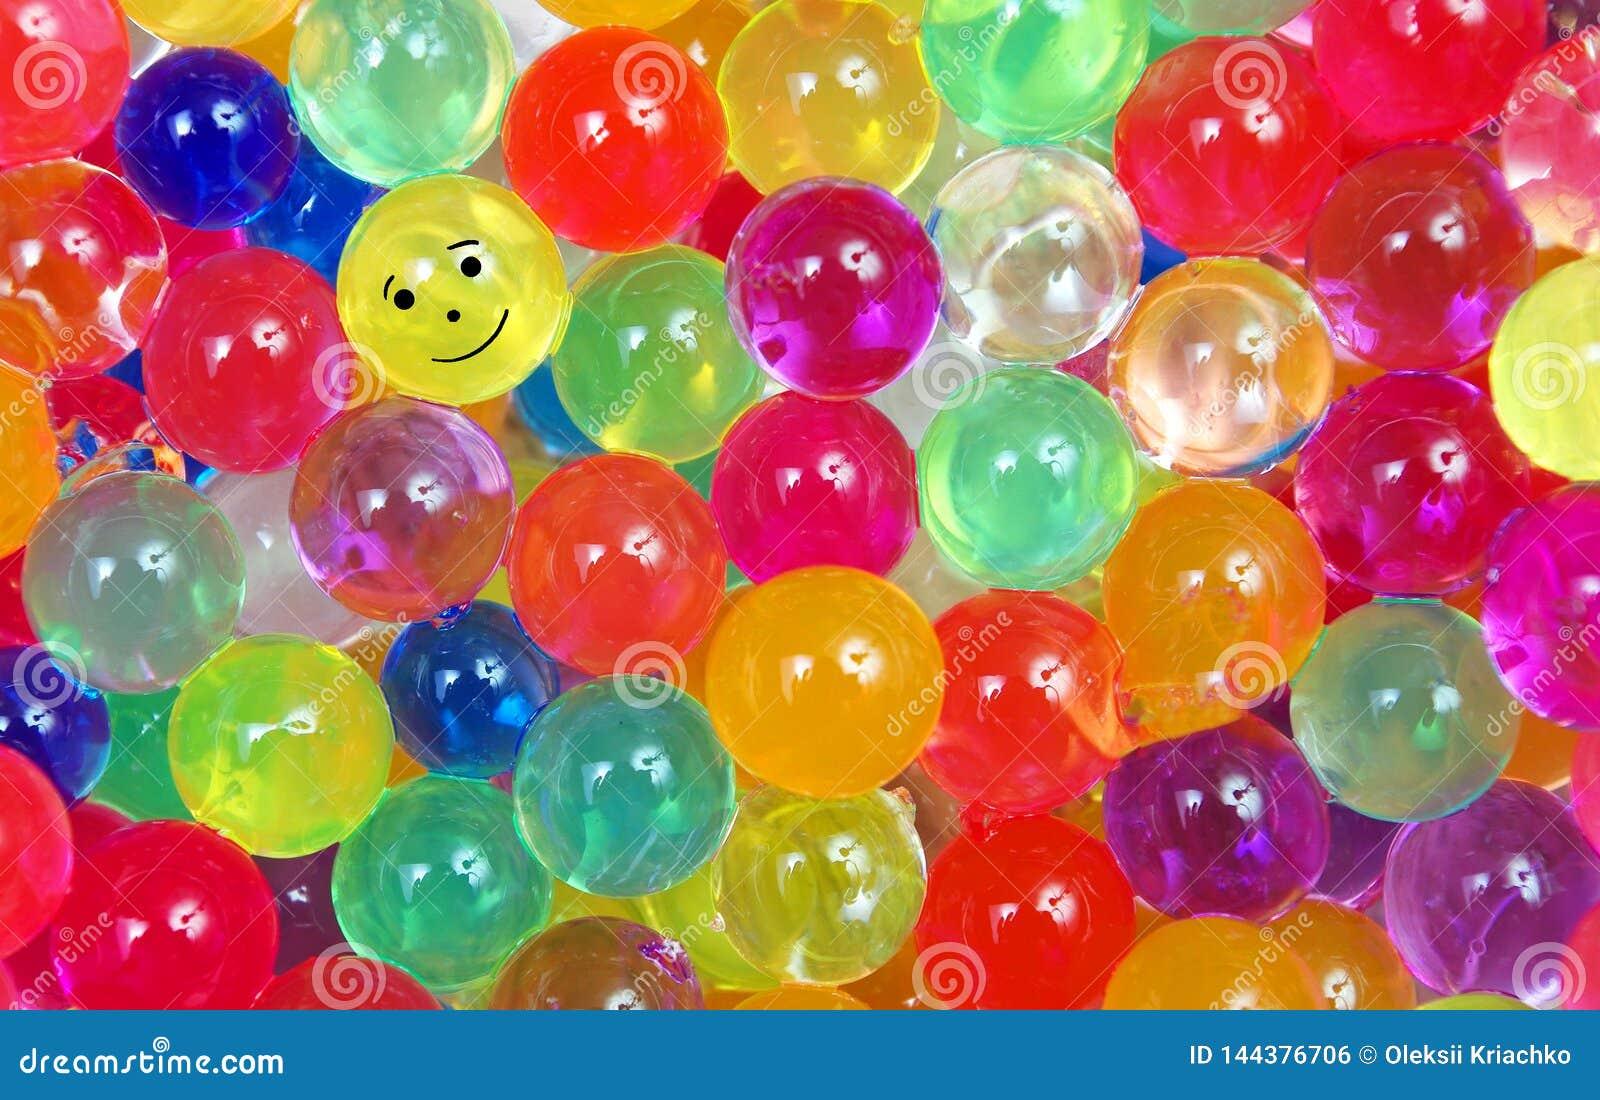 Färger av regnbågen Mångfärgad hydrogel klumpa ihop sig texturbakgrund Små färgrika pärlor Ordet FÄRG på kulöra räknare i skarp f